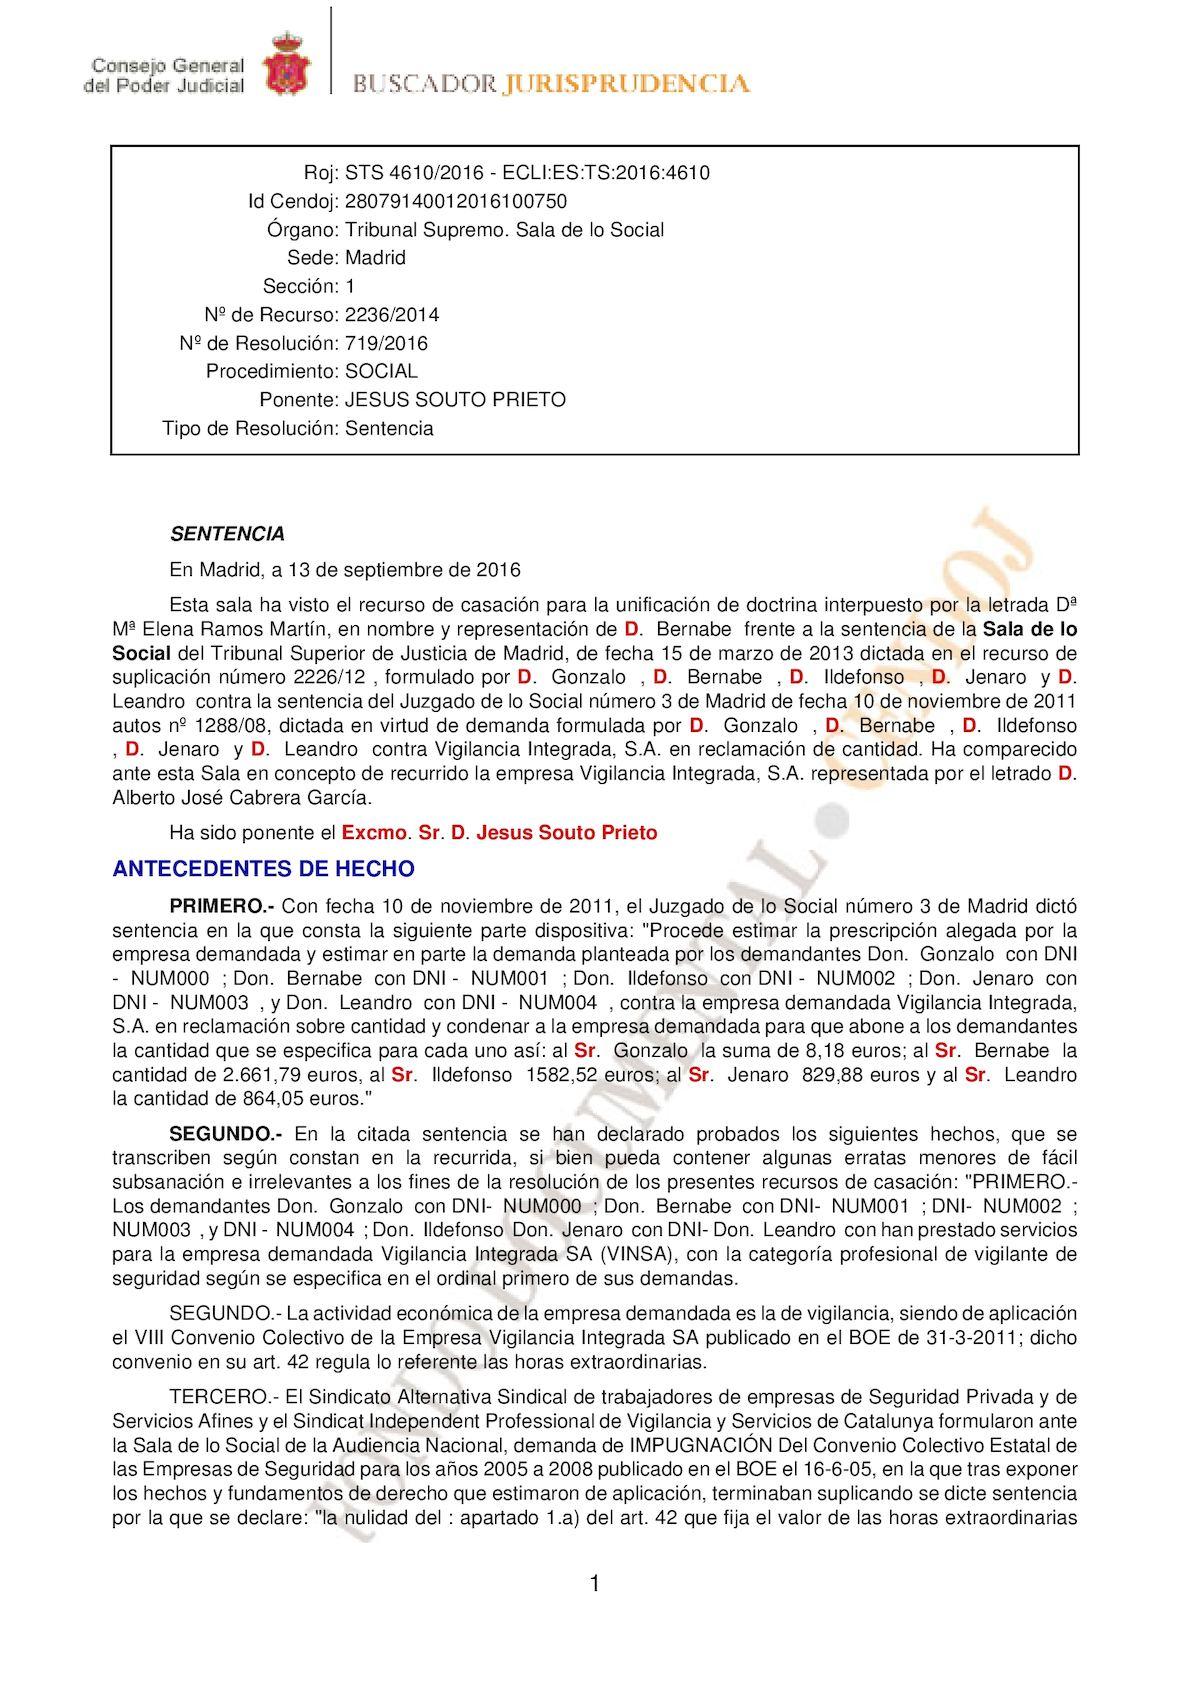 SENTENCIA RELACIONADA CON LA FORMA DE RETRIBUIR LAS HORAS EXTRAORDINARIAS EN EL CONVENIO COLECTIVO ESTATAL DE EMPRESAS DE SEGURIDAD